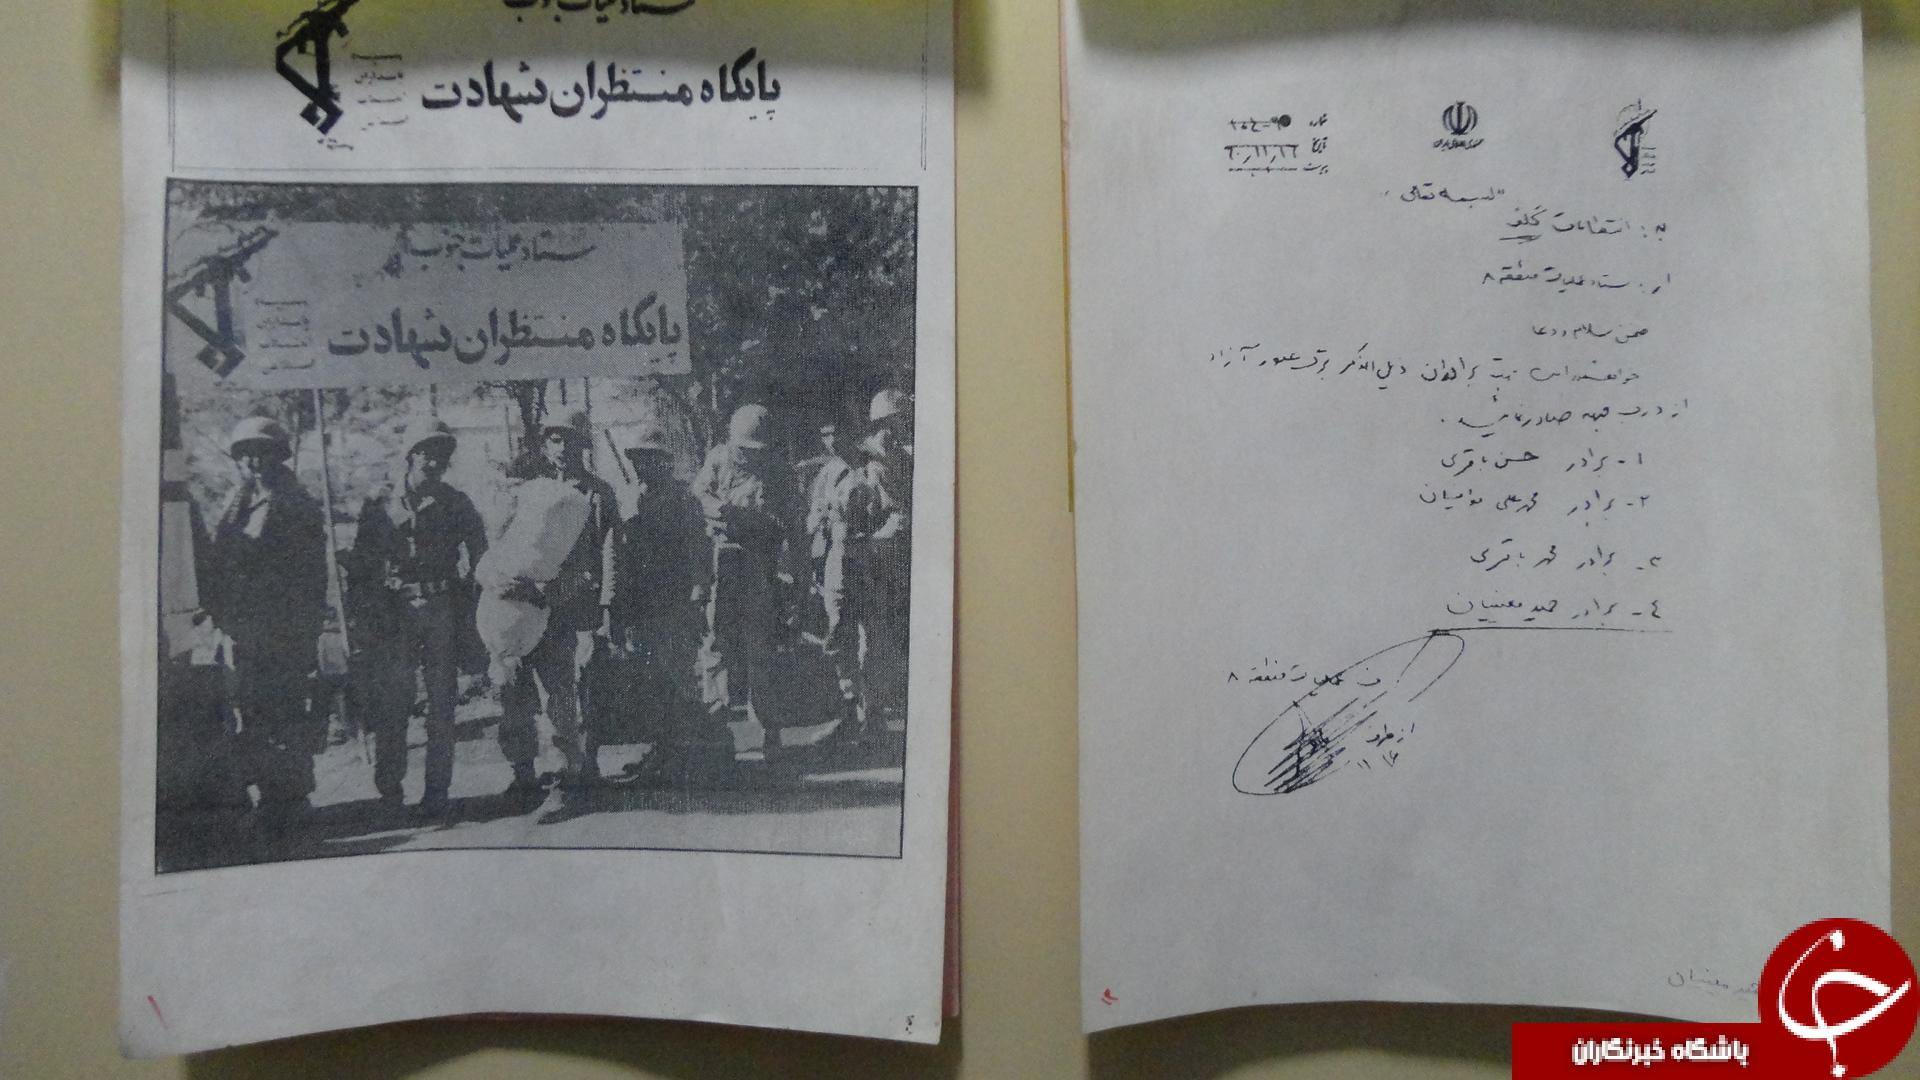 اتاق امنیتی مقام معظم رهبری در زمان جنگ + عکس